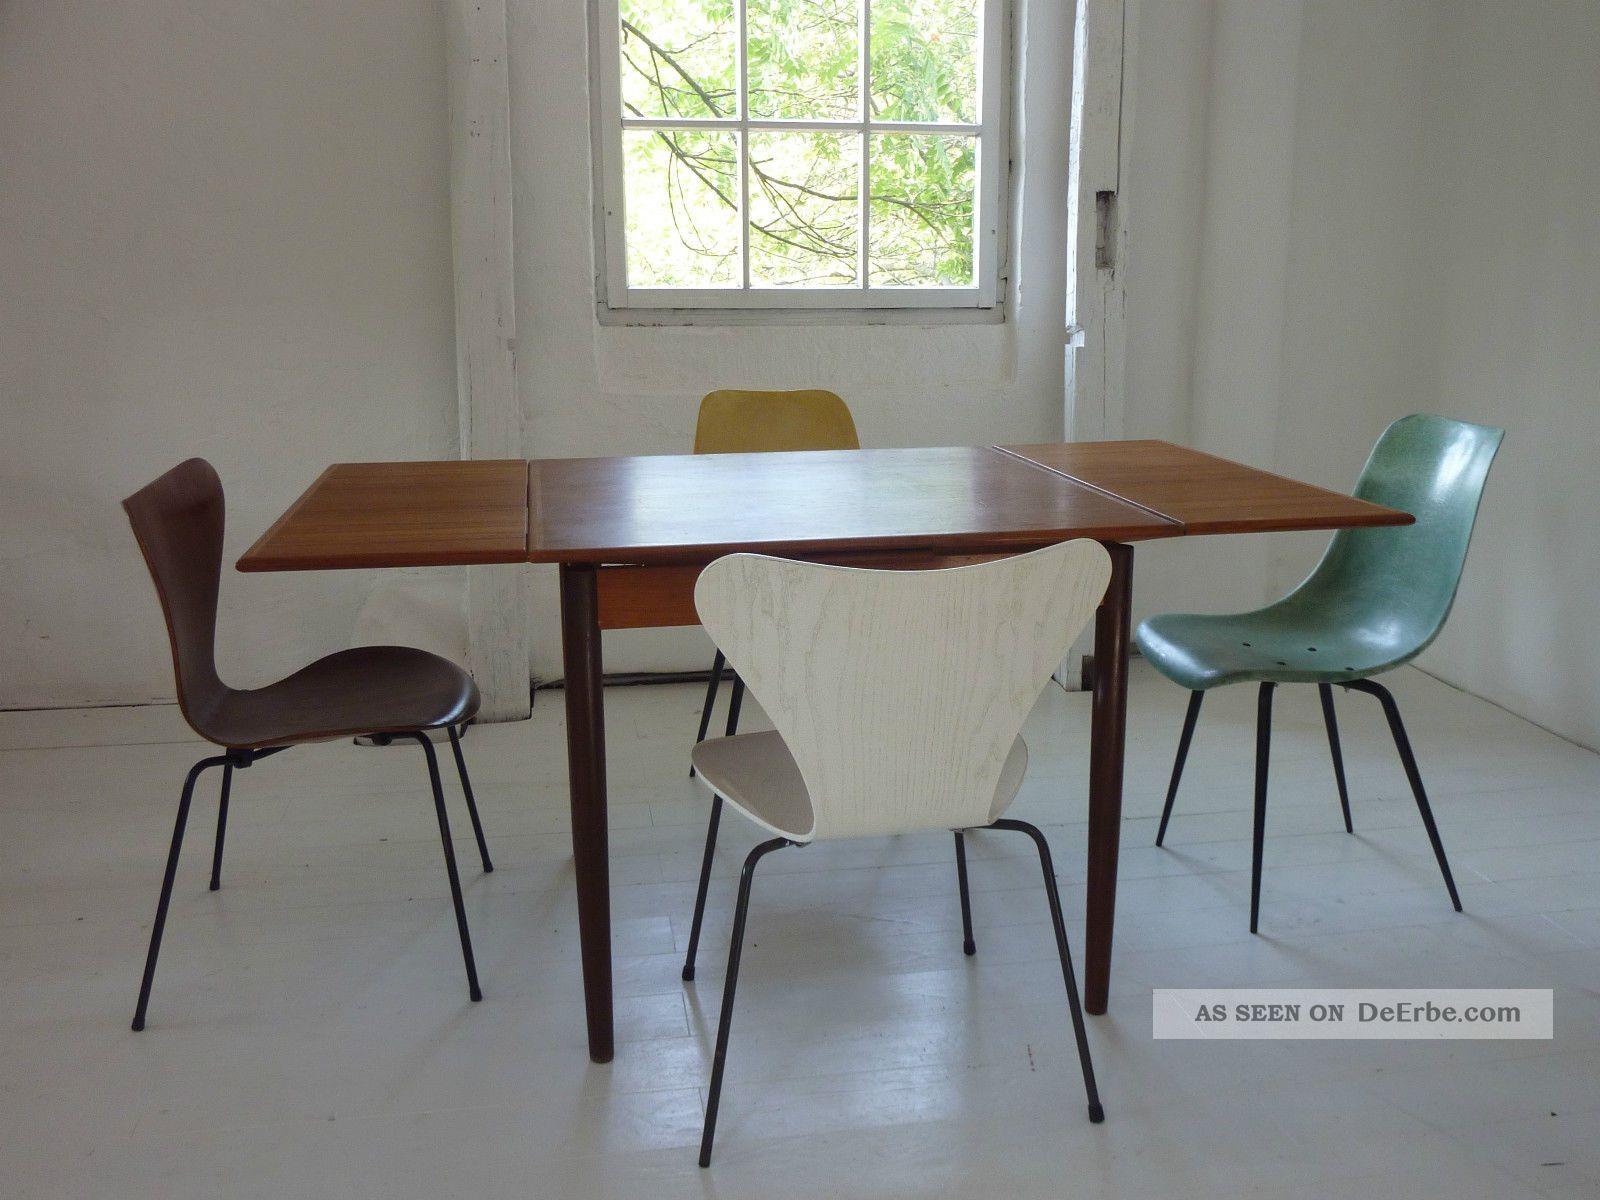 Esstisch Tisch Table Teak Mid Century Vintage Dining 50er 50s 60er 60s 1950-1959 Bild